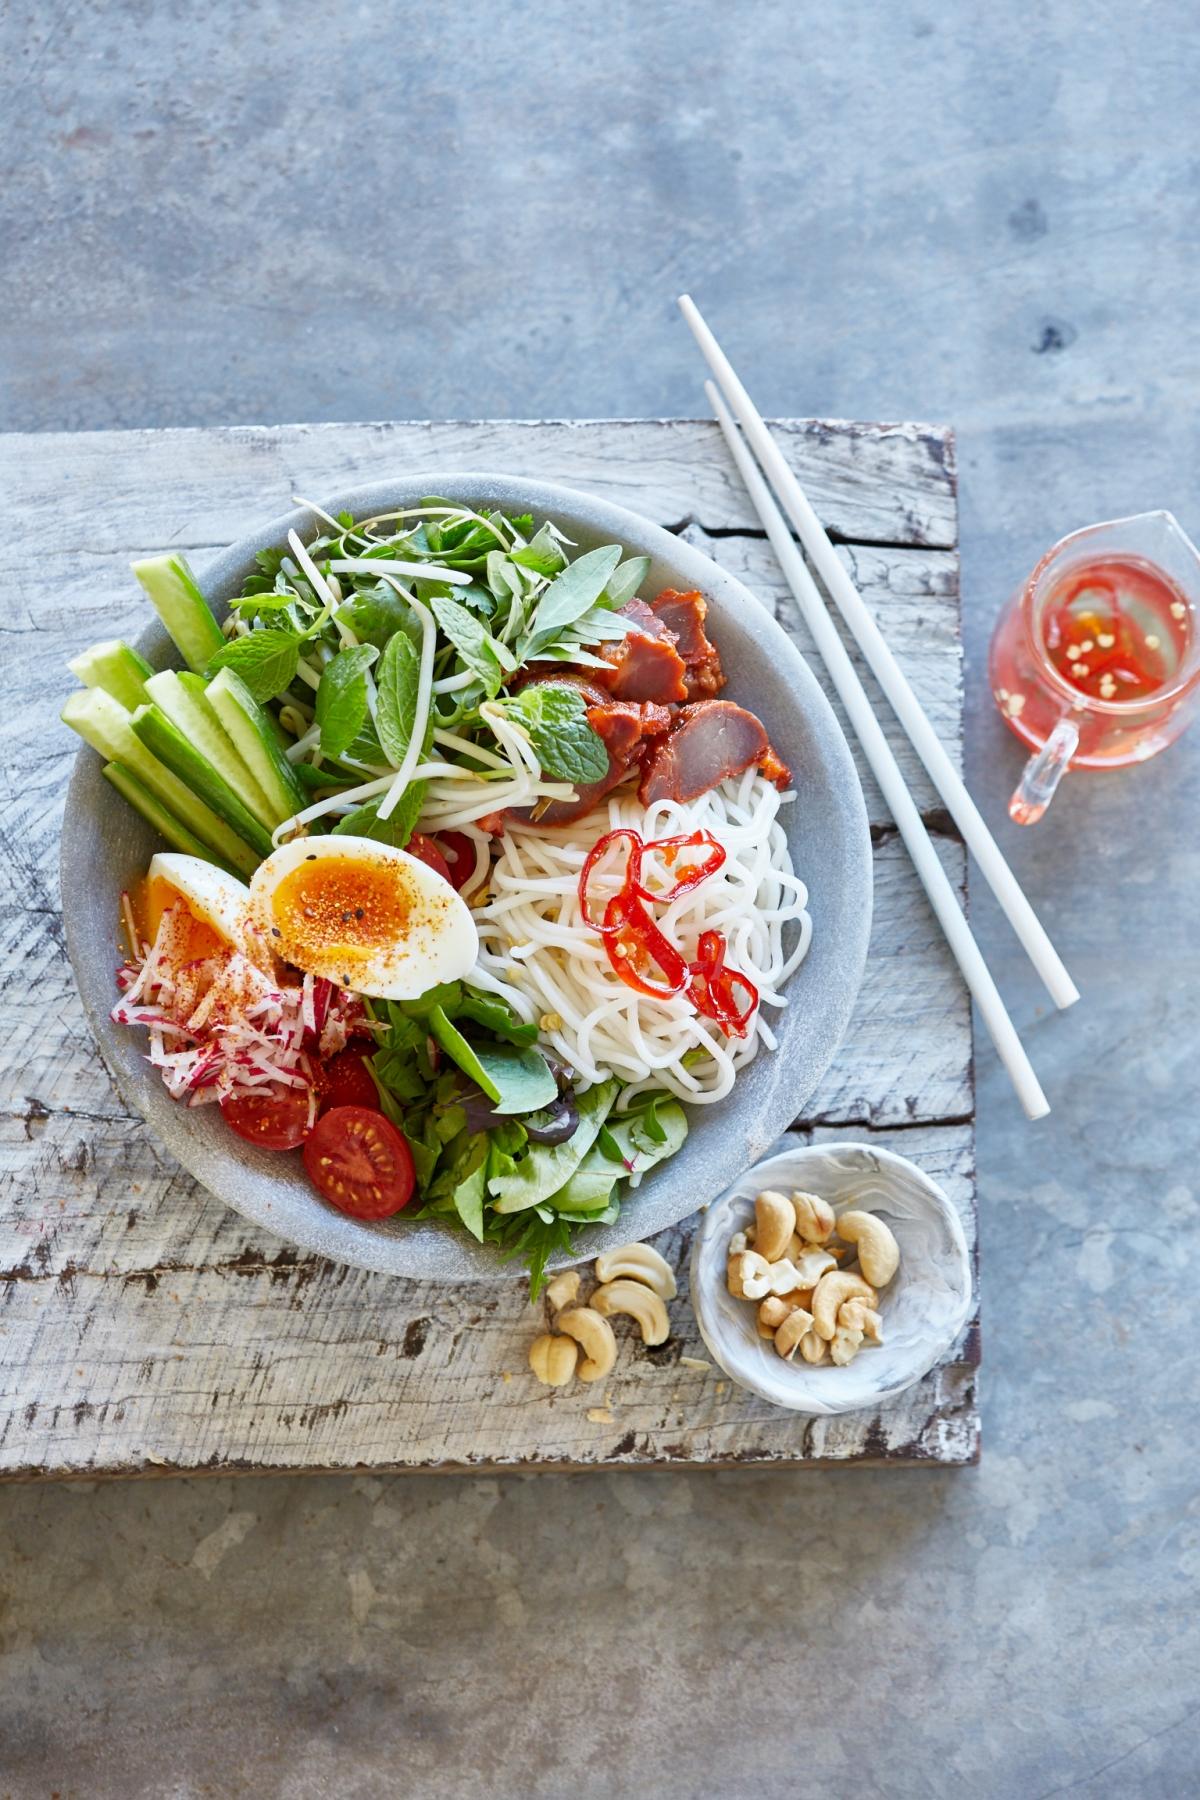 sandwhiches & salads AM 147